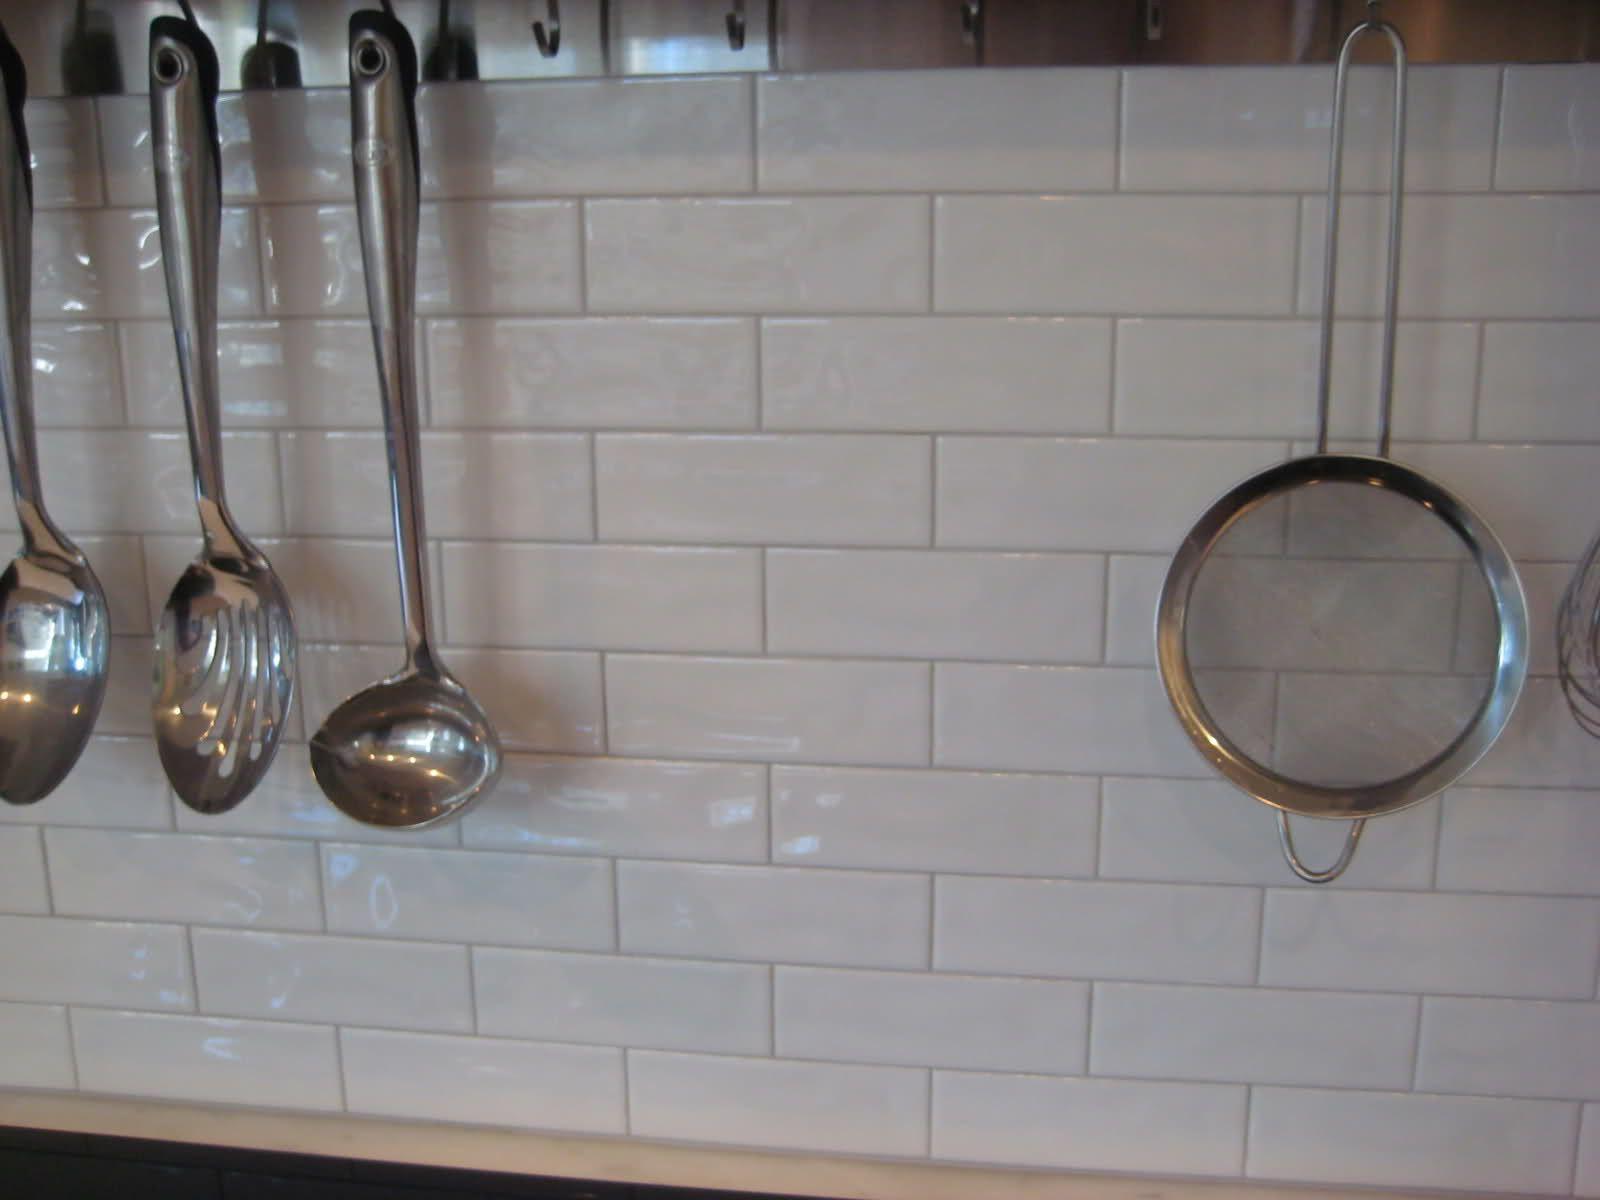 2 x 6 subway tile backsplash